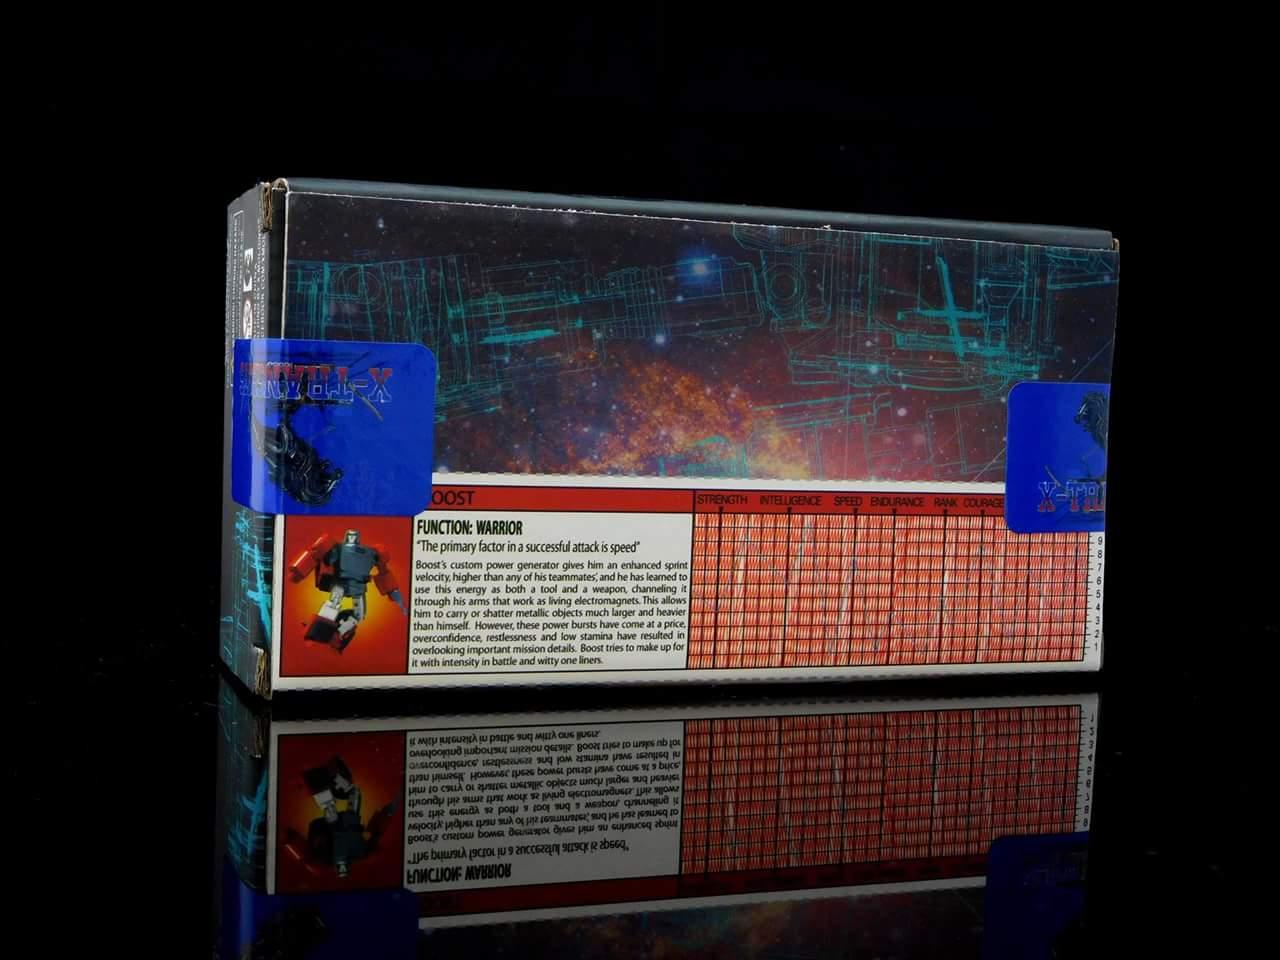 [X-Transbots] Produit Tiers - Minibots MP - Gamme MM - Page 6 JcWuPho8